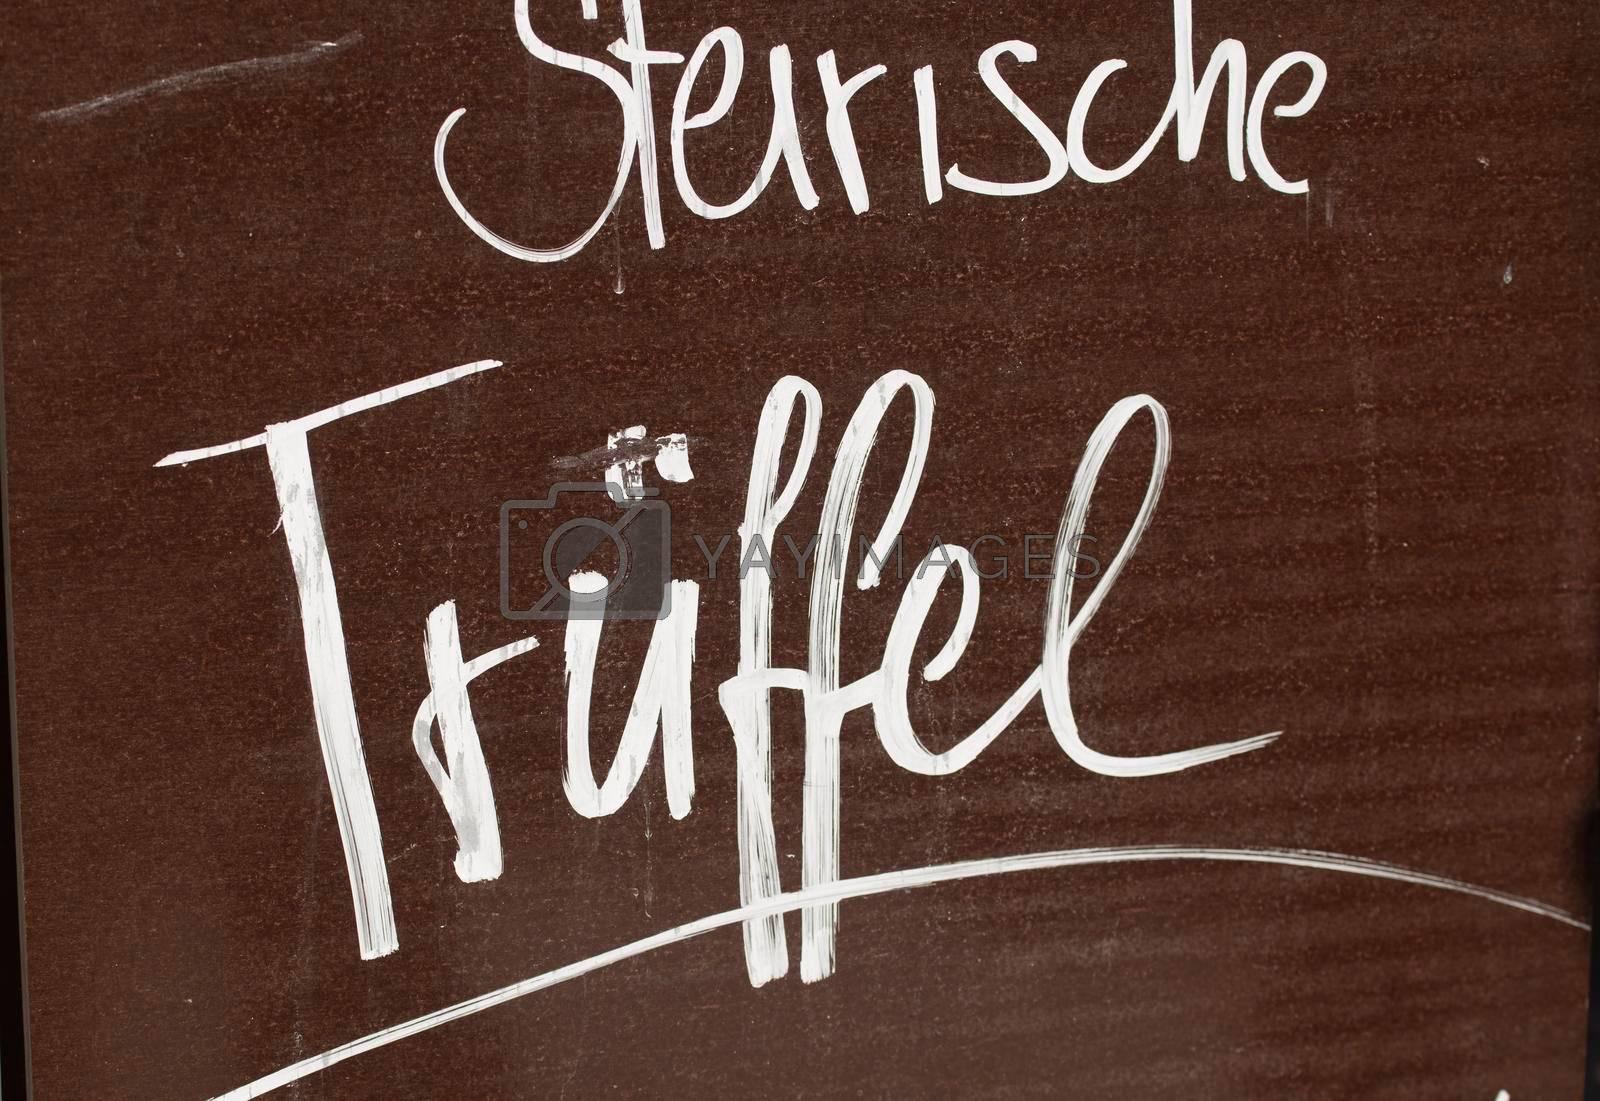 truffles as a spice in haute cuisine, an edible mushroom or fungus